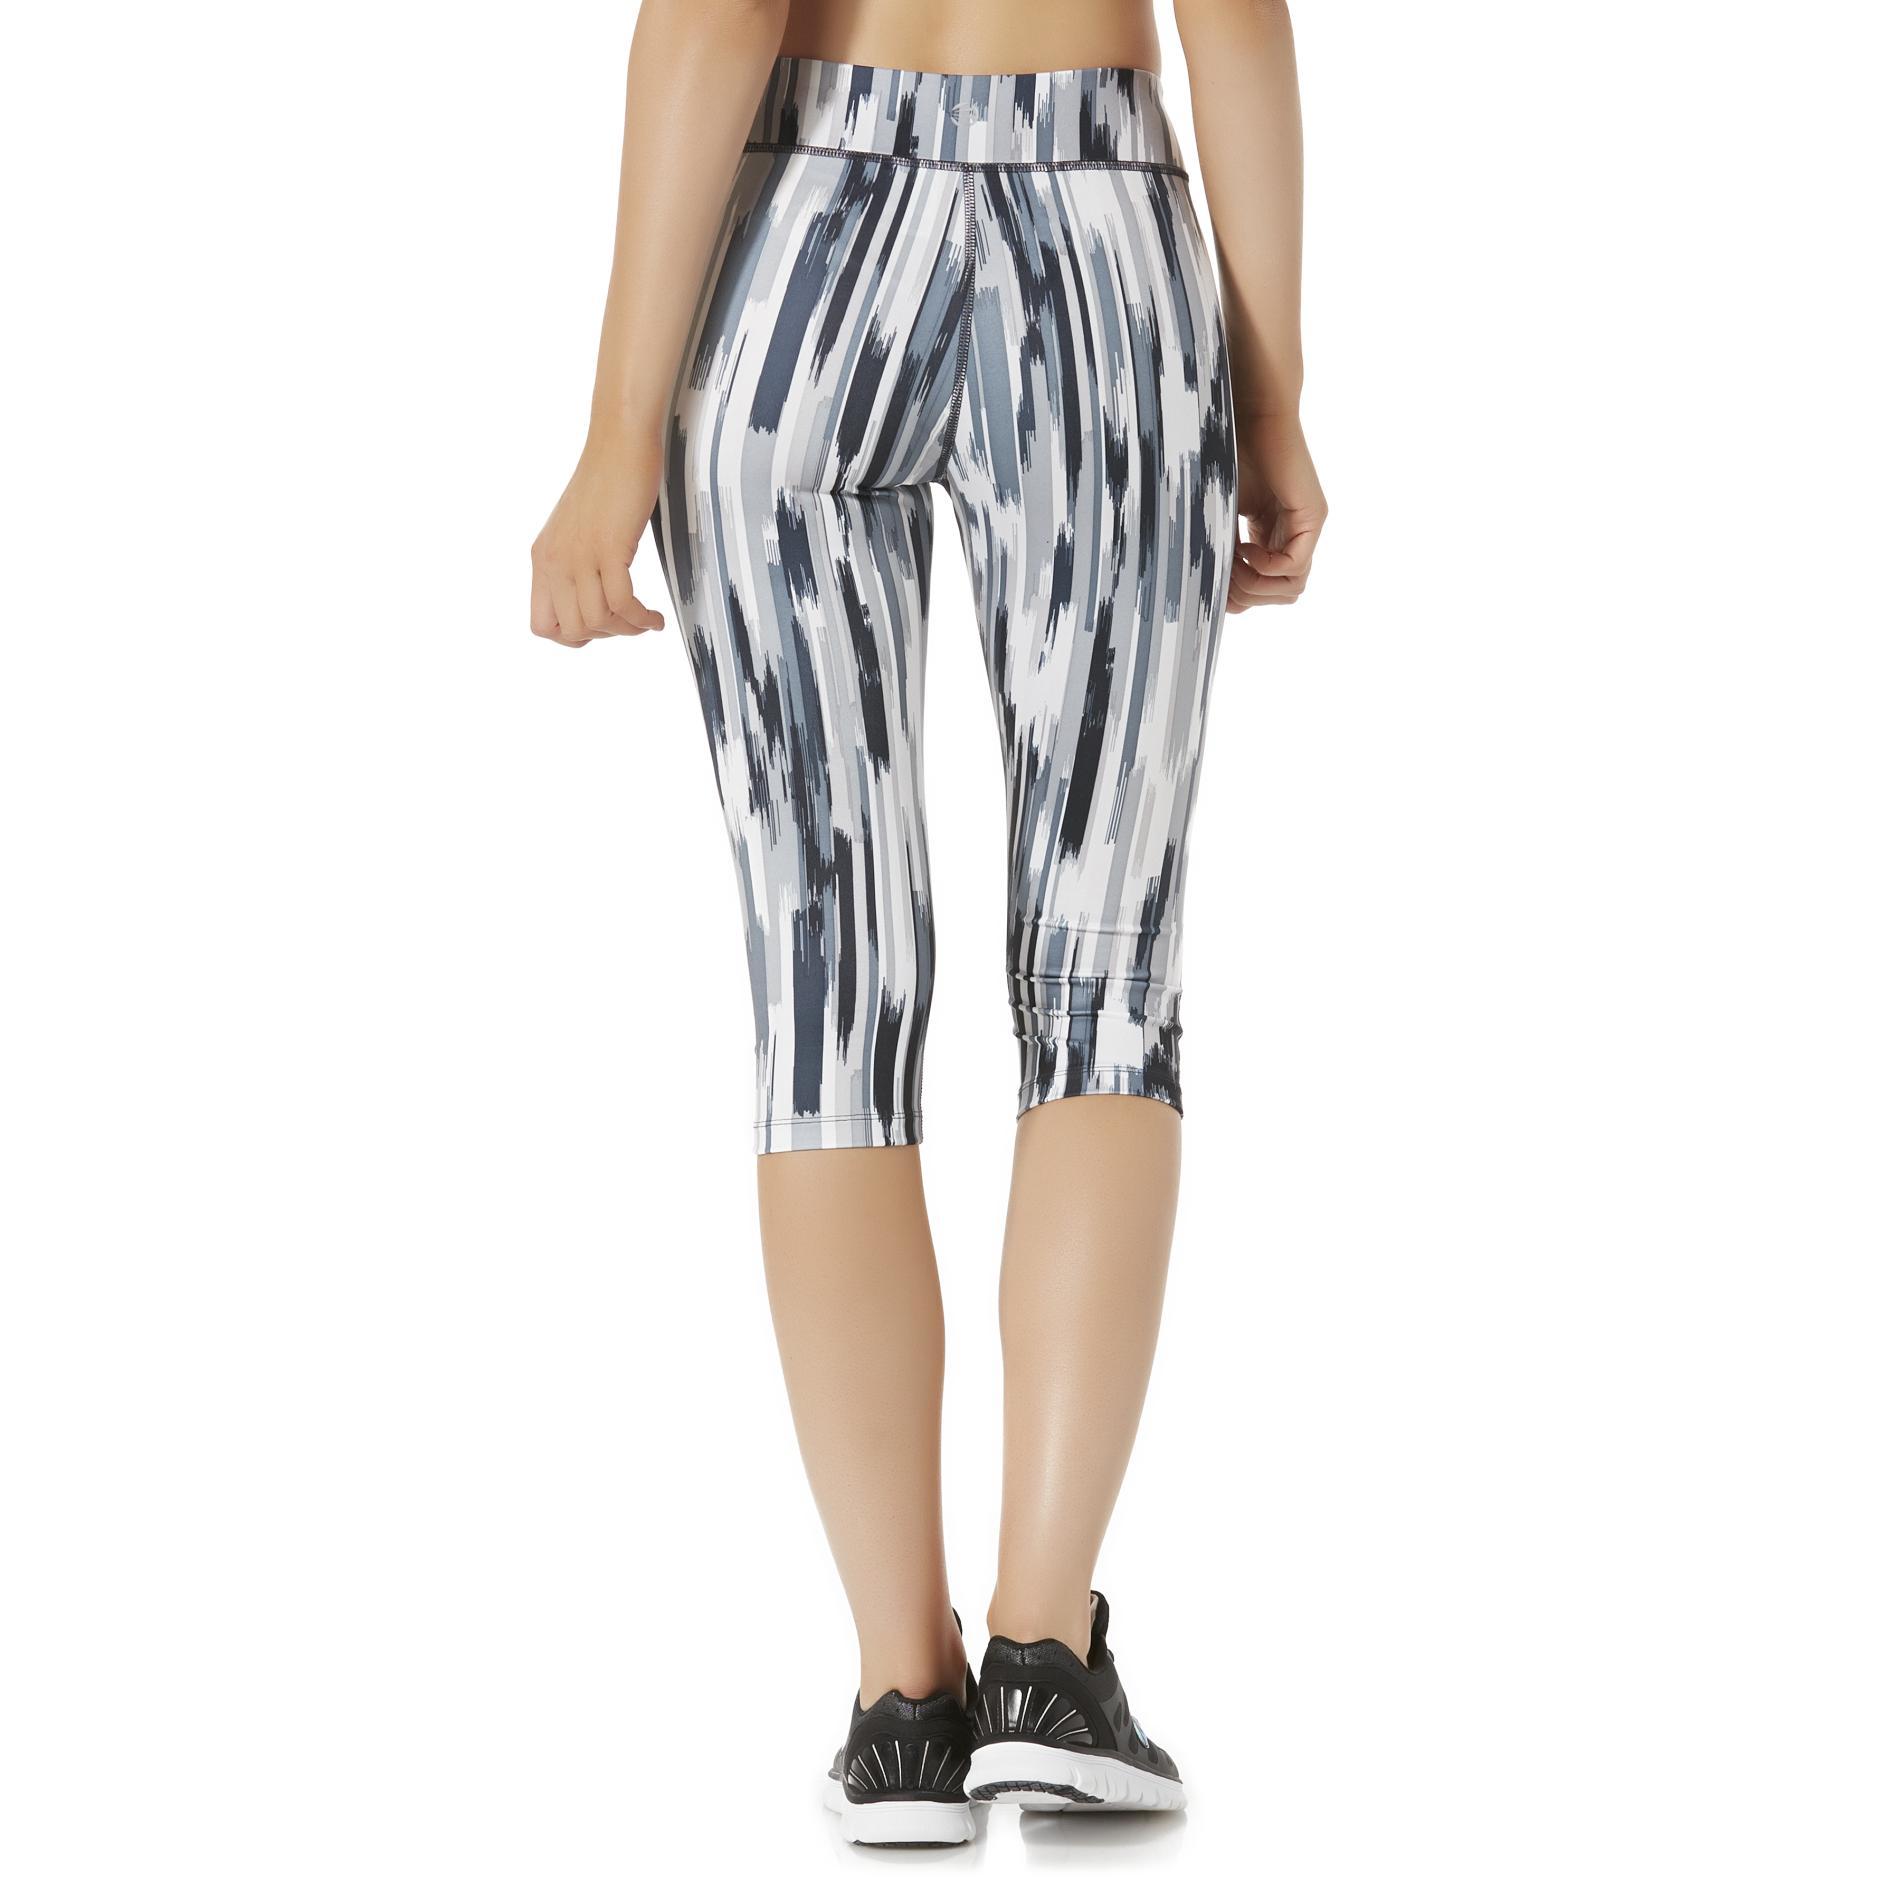 Impact by Jillian Michaels Women's Performance Capri Pants - Striped